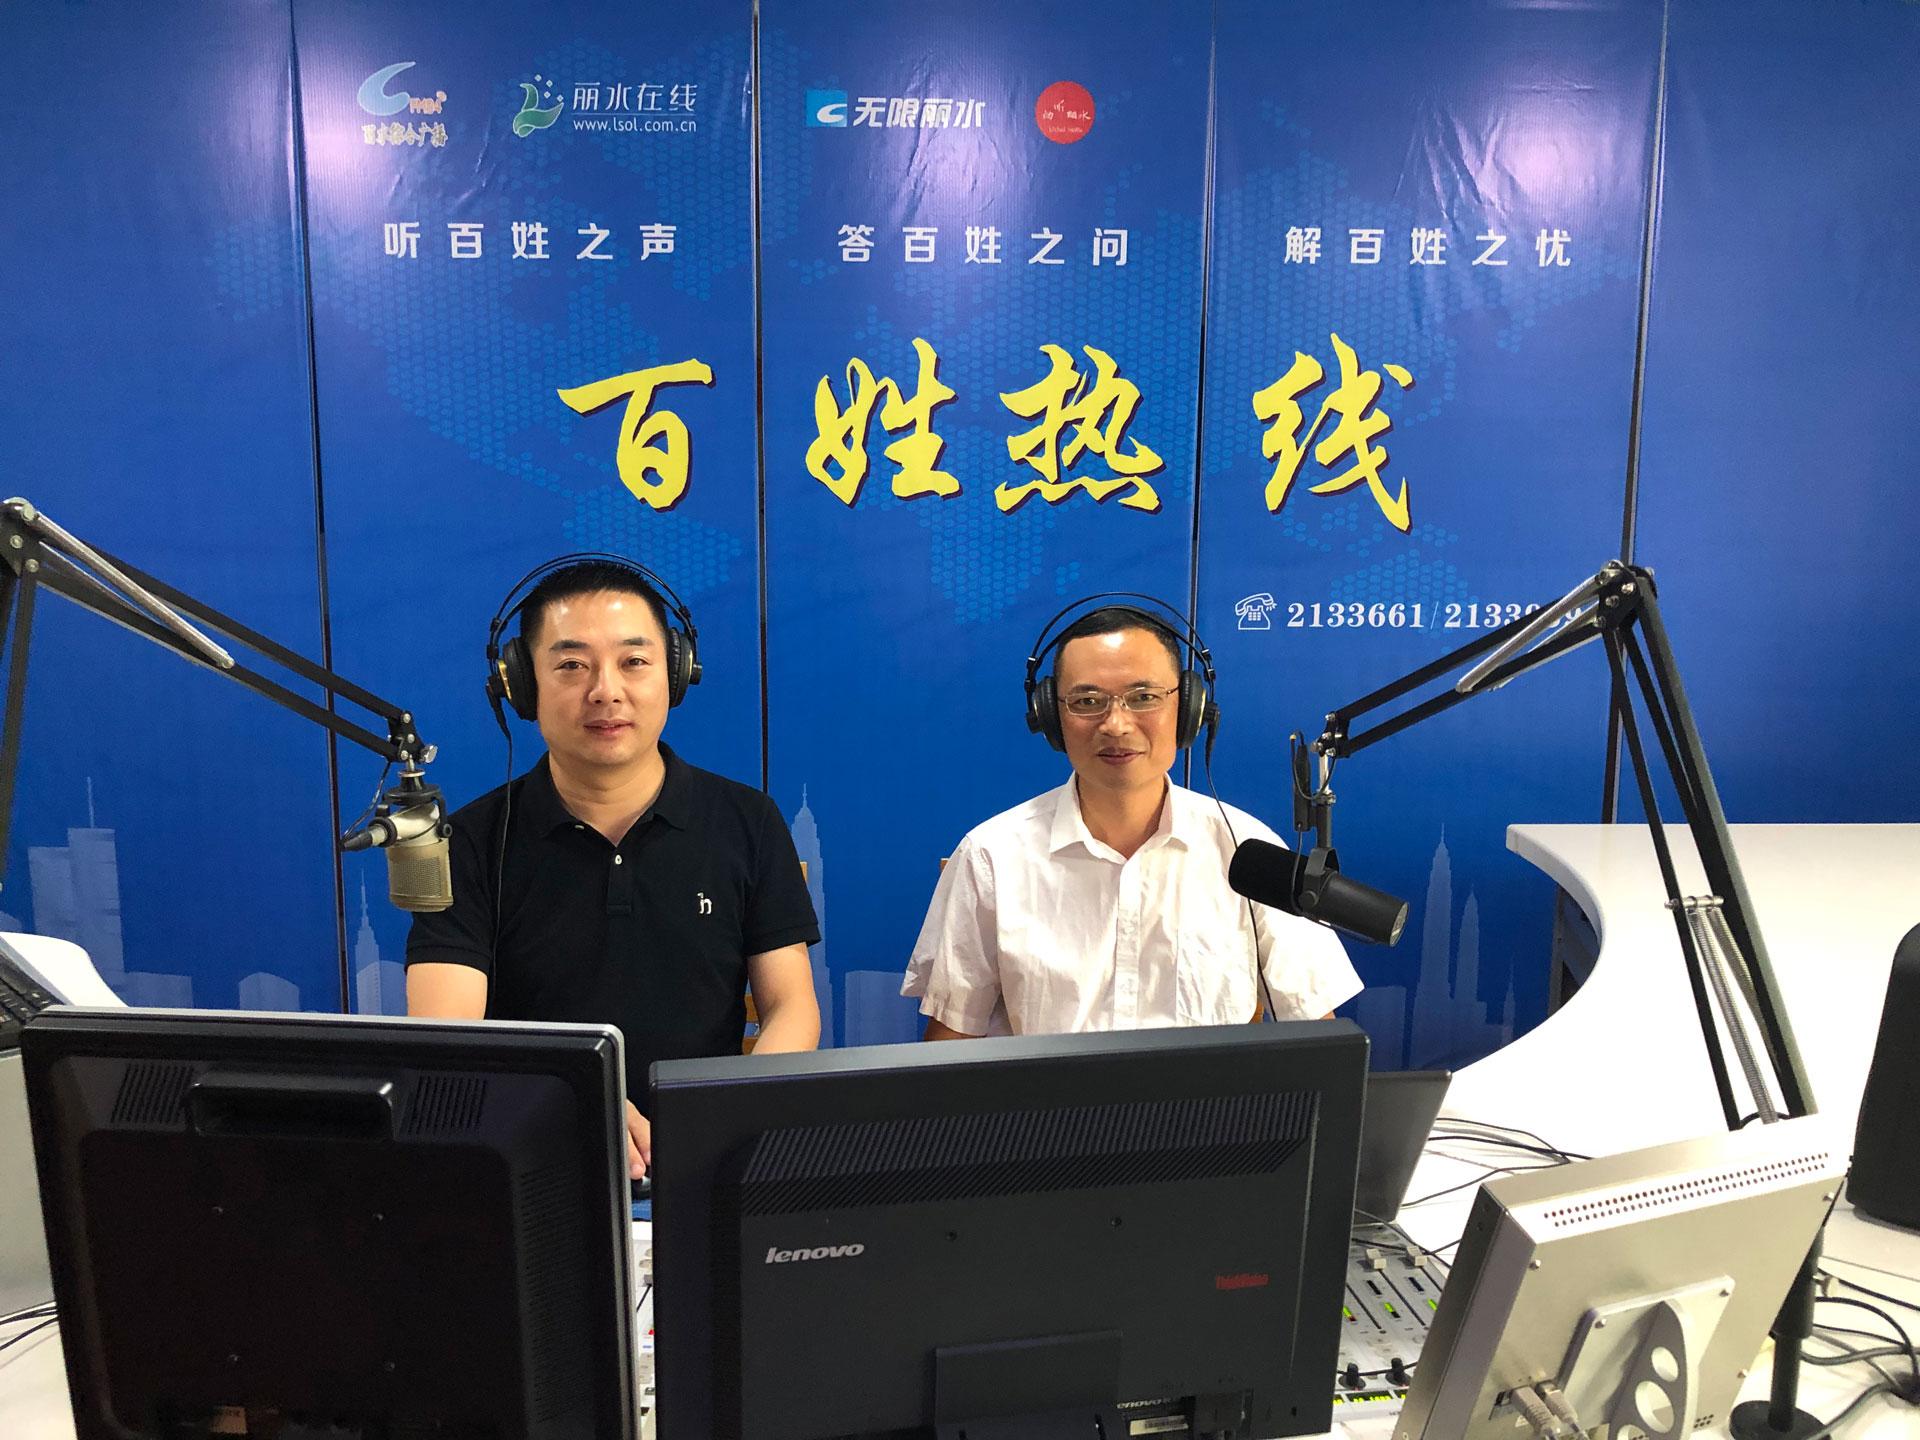 景宁经济开发区管理委员会常务副主任  徐卫斌